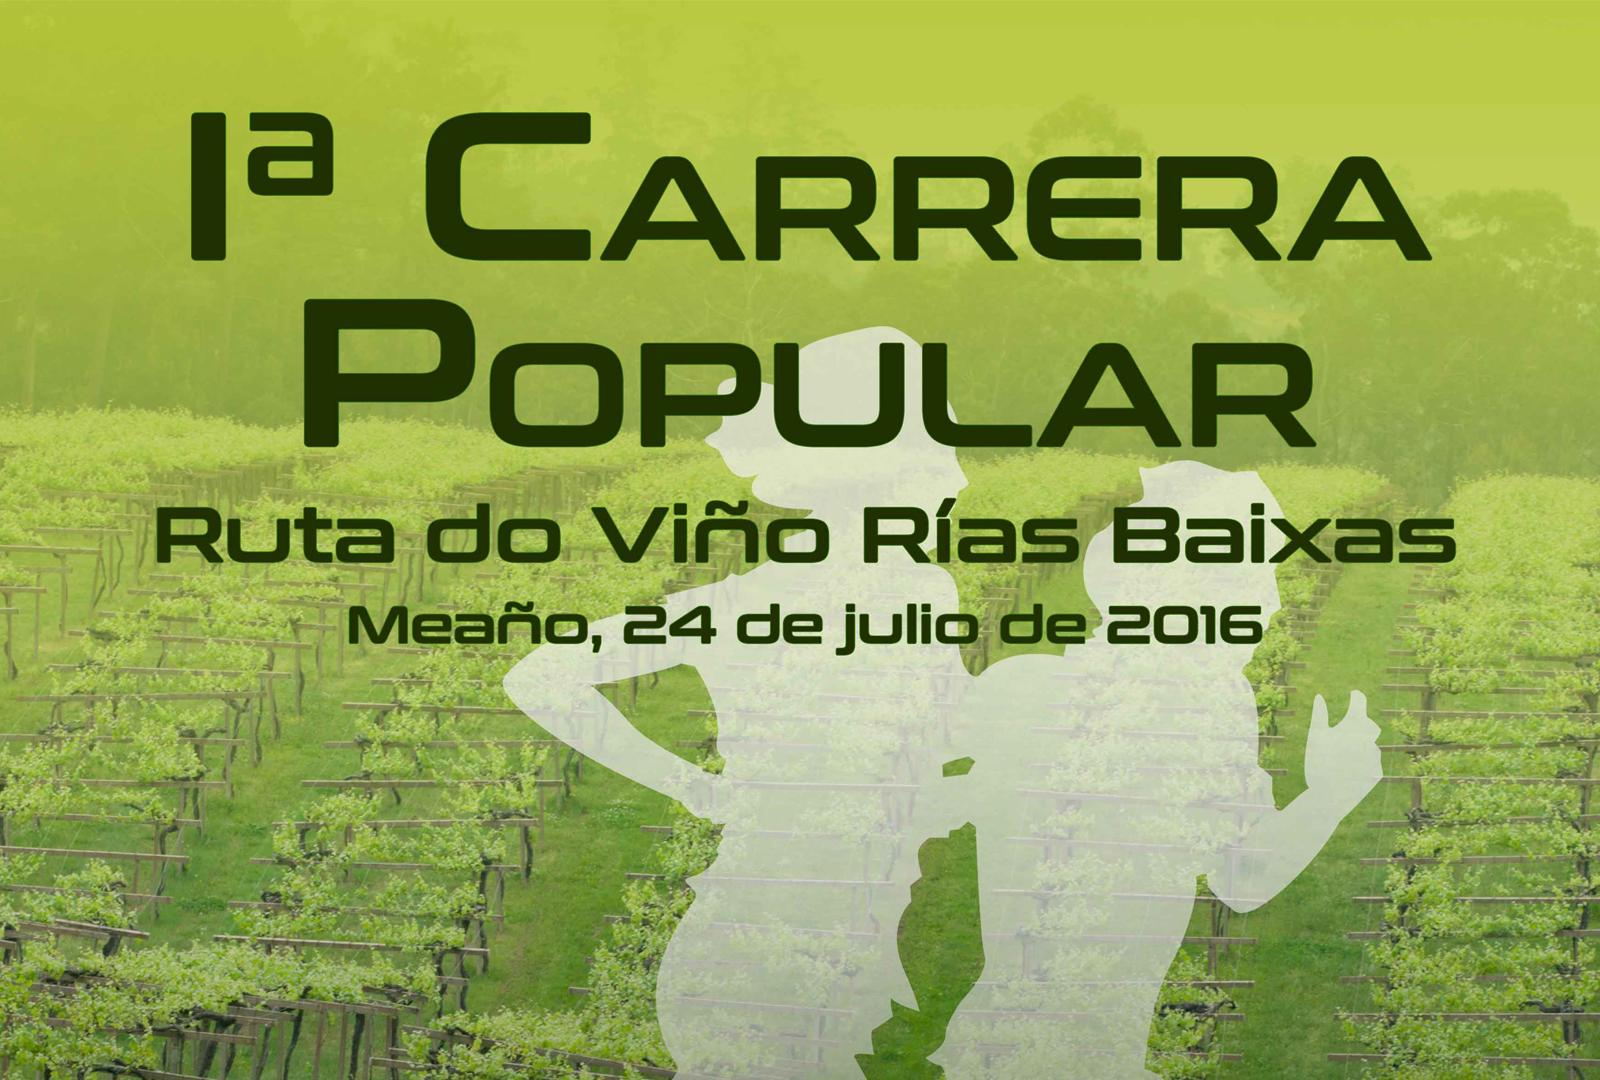 Rías Baixas organiza su 1ª Carrera Popular.